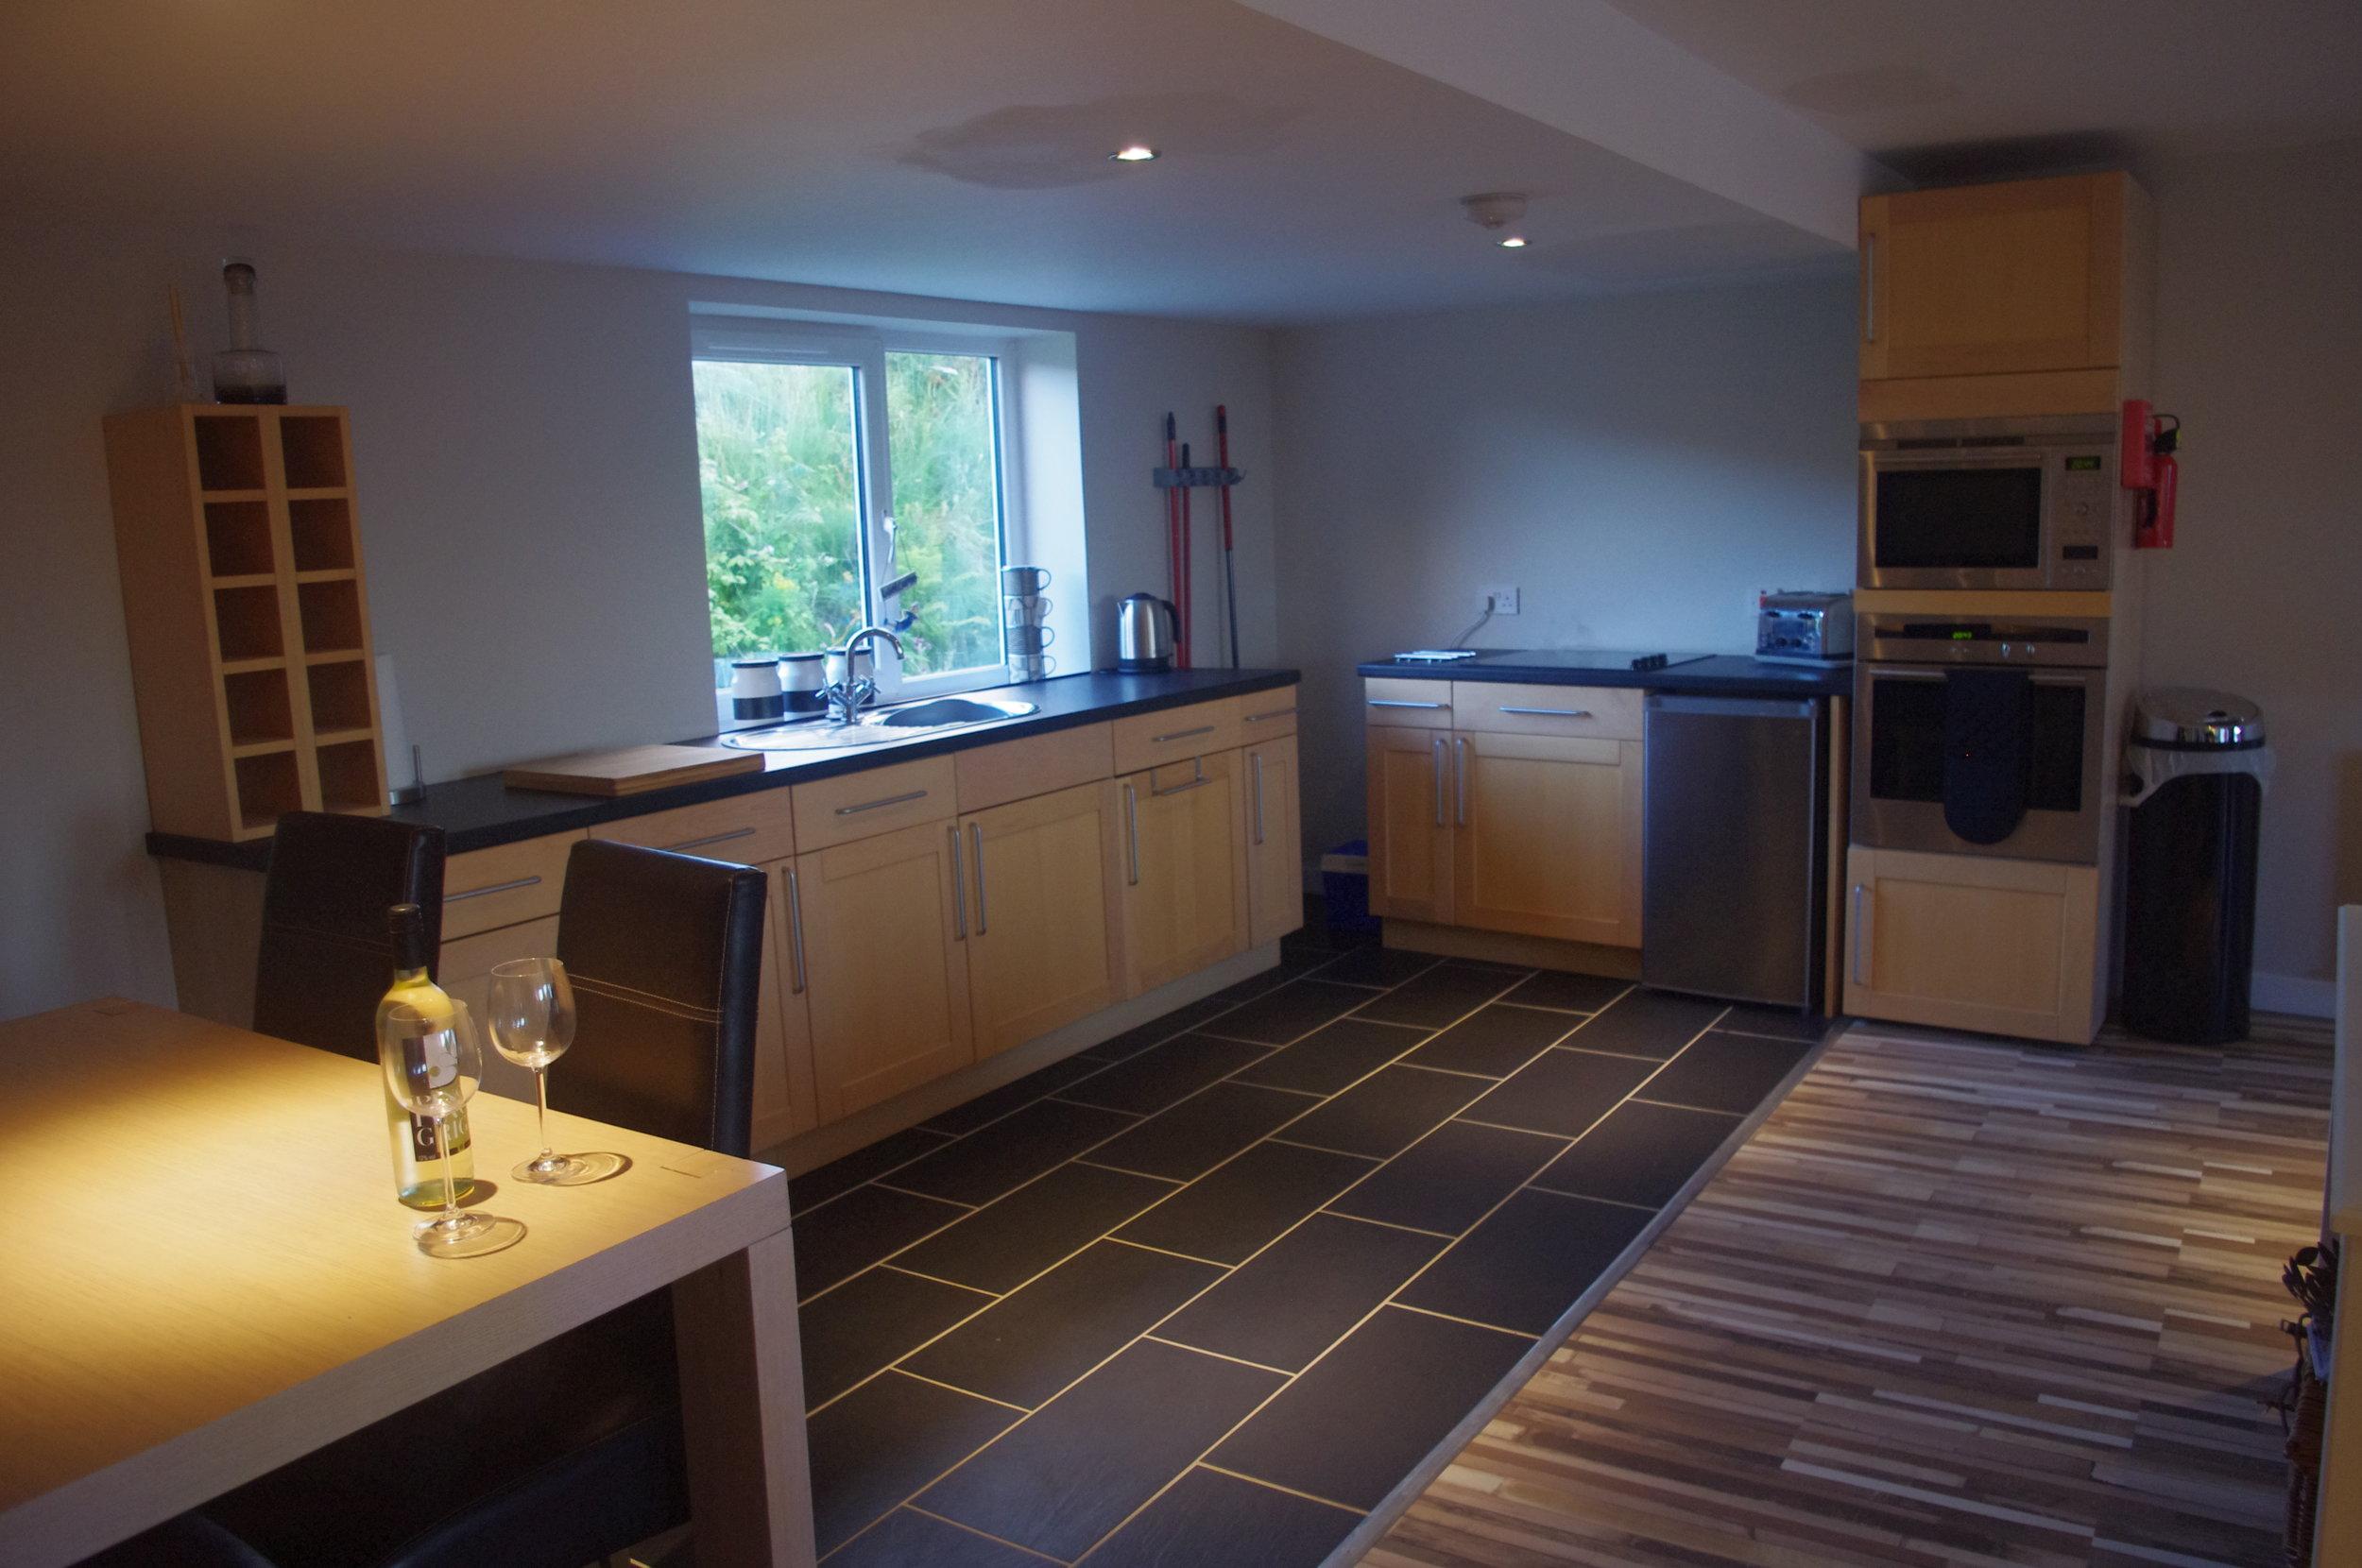 Gumtree Cottage-photograph -1 kitchen diner.JPG